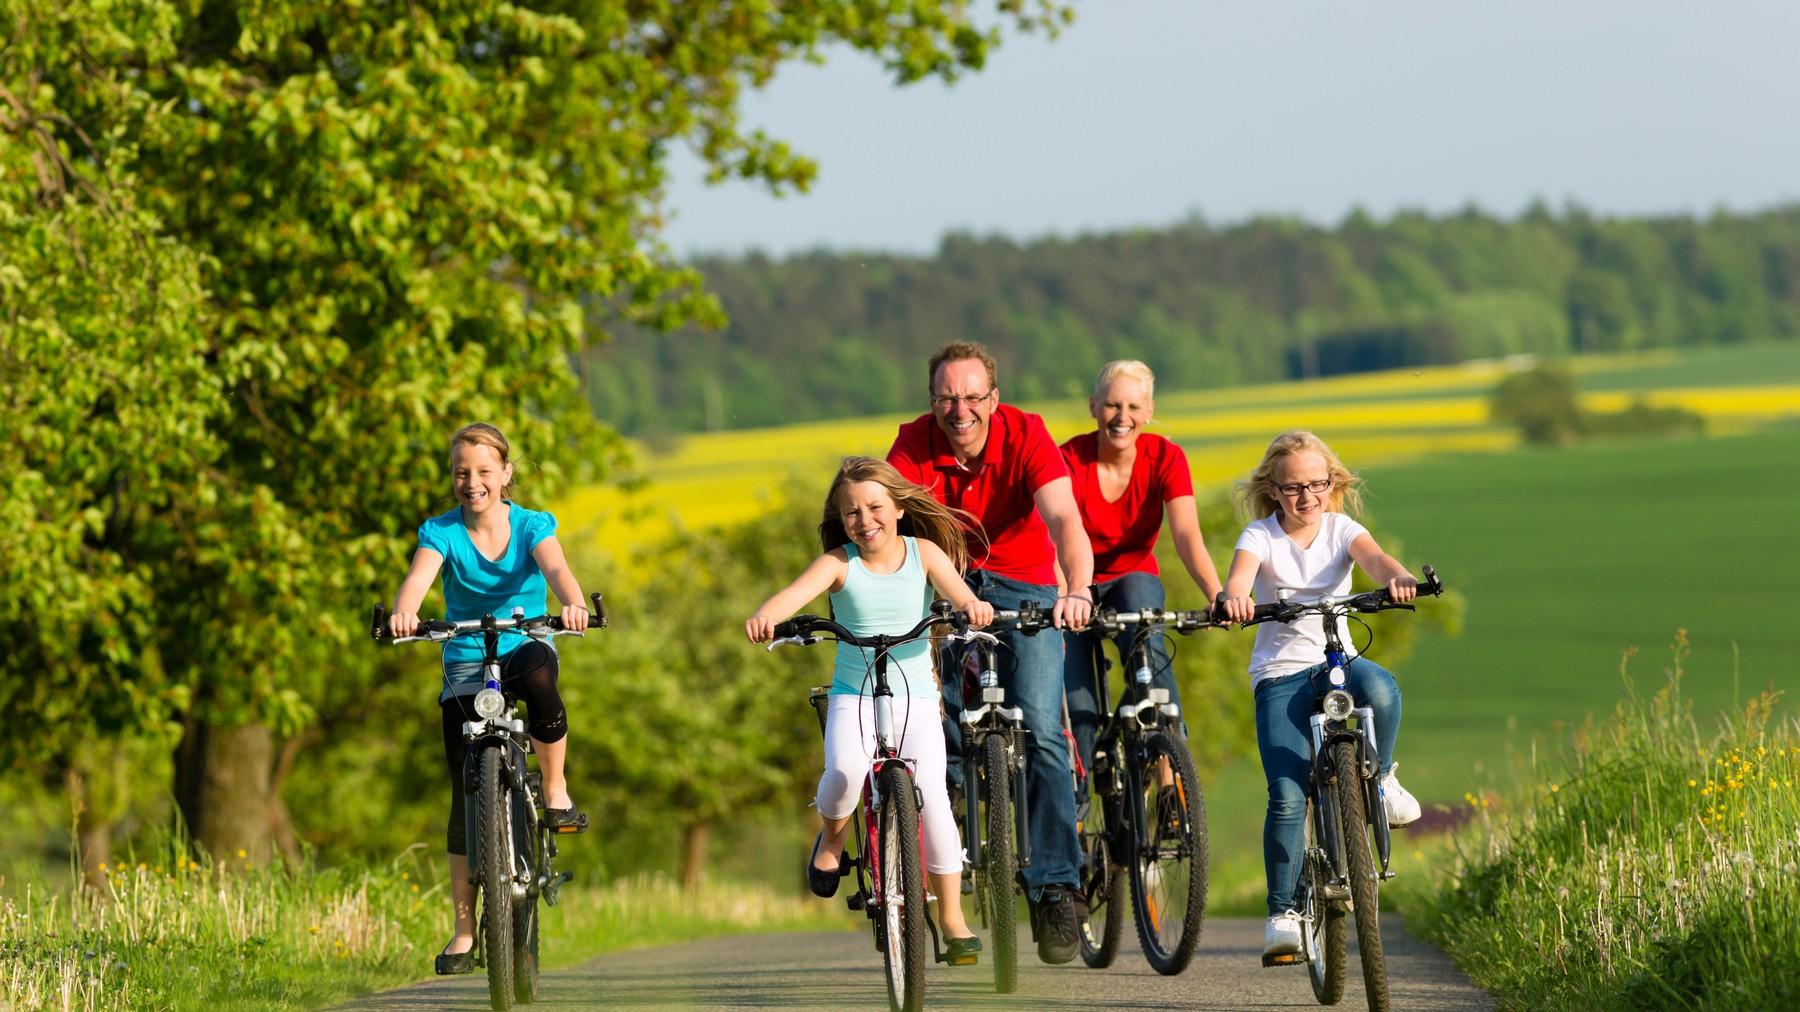 พ่อแม่กับลูกสาวทั้งสามคนปั่นจักรยานด้วยกันในสวนสีเขียว